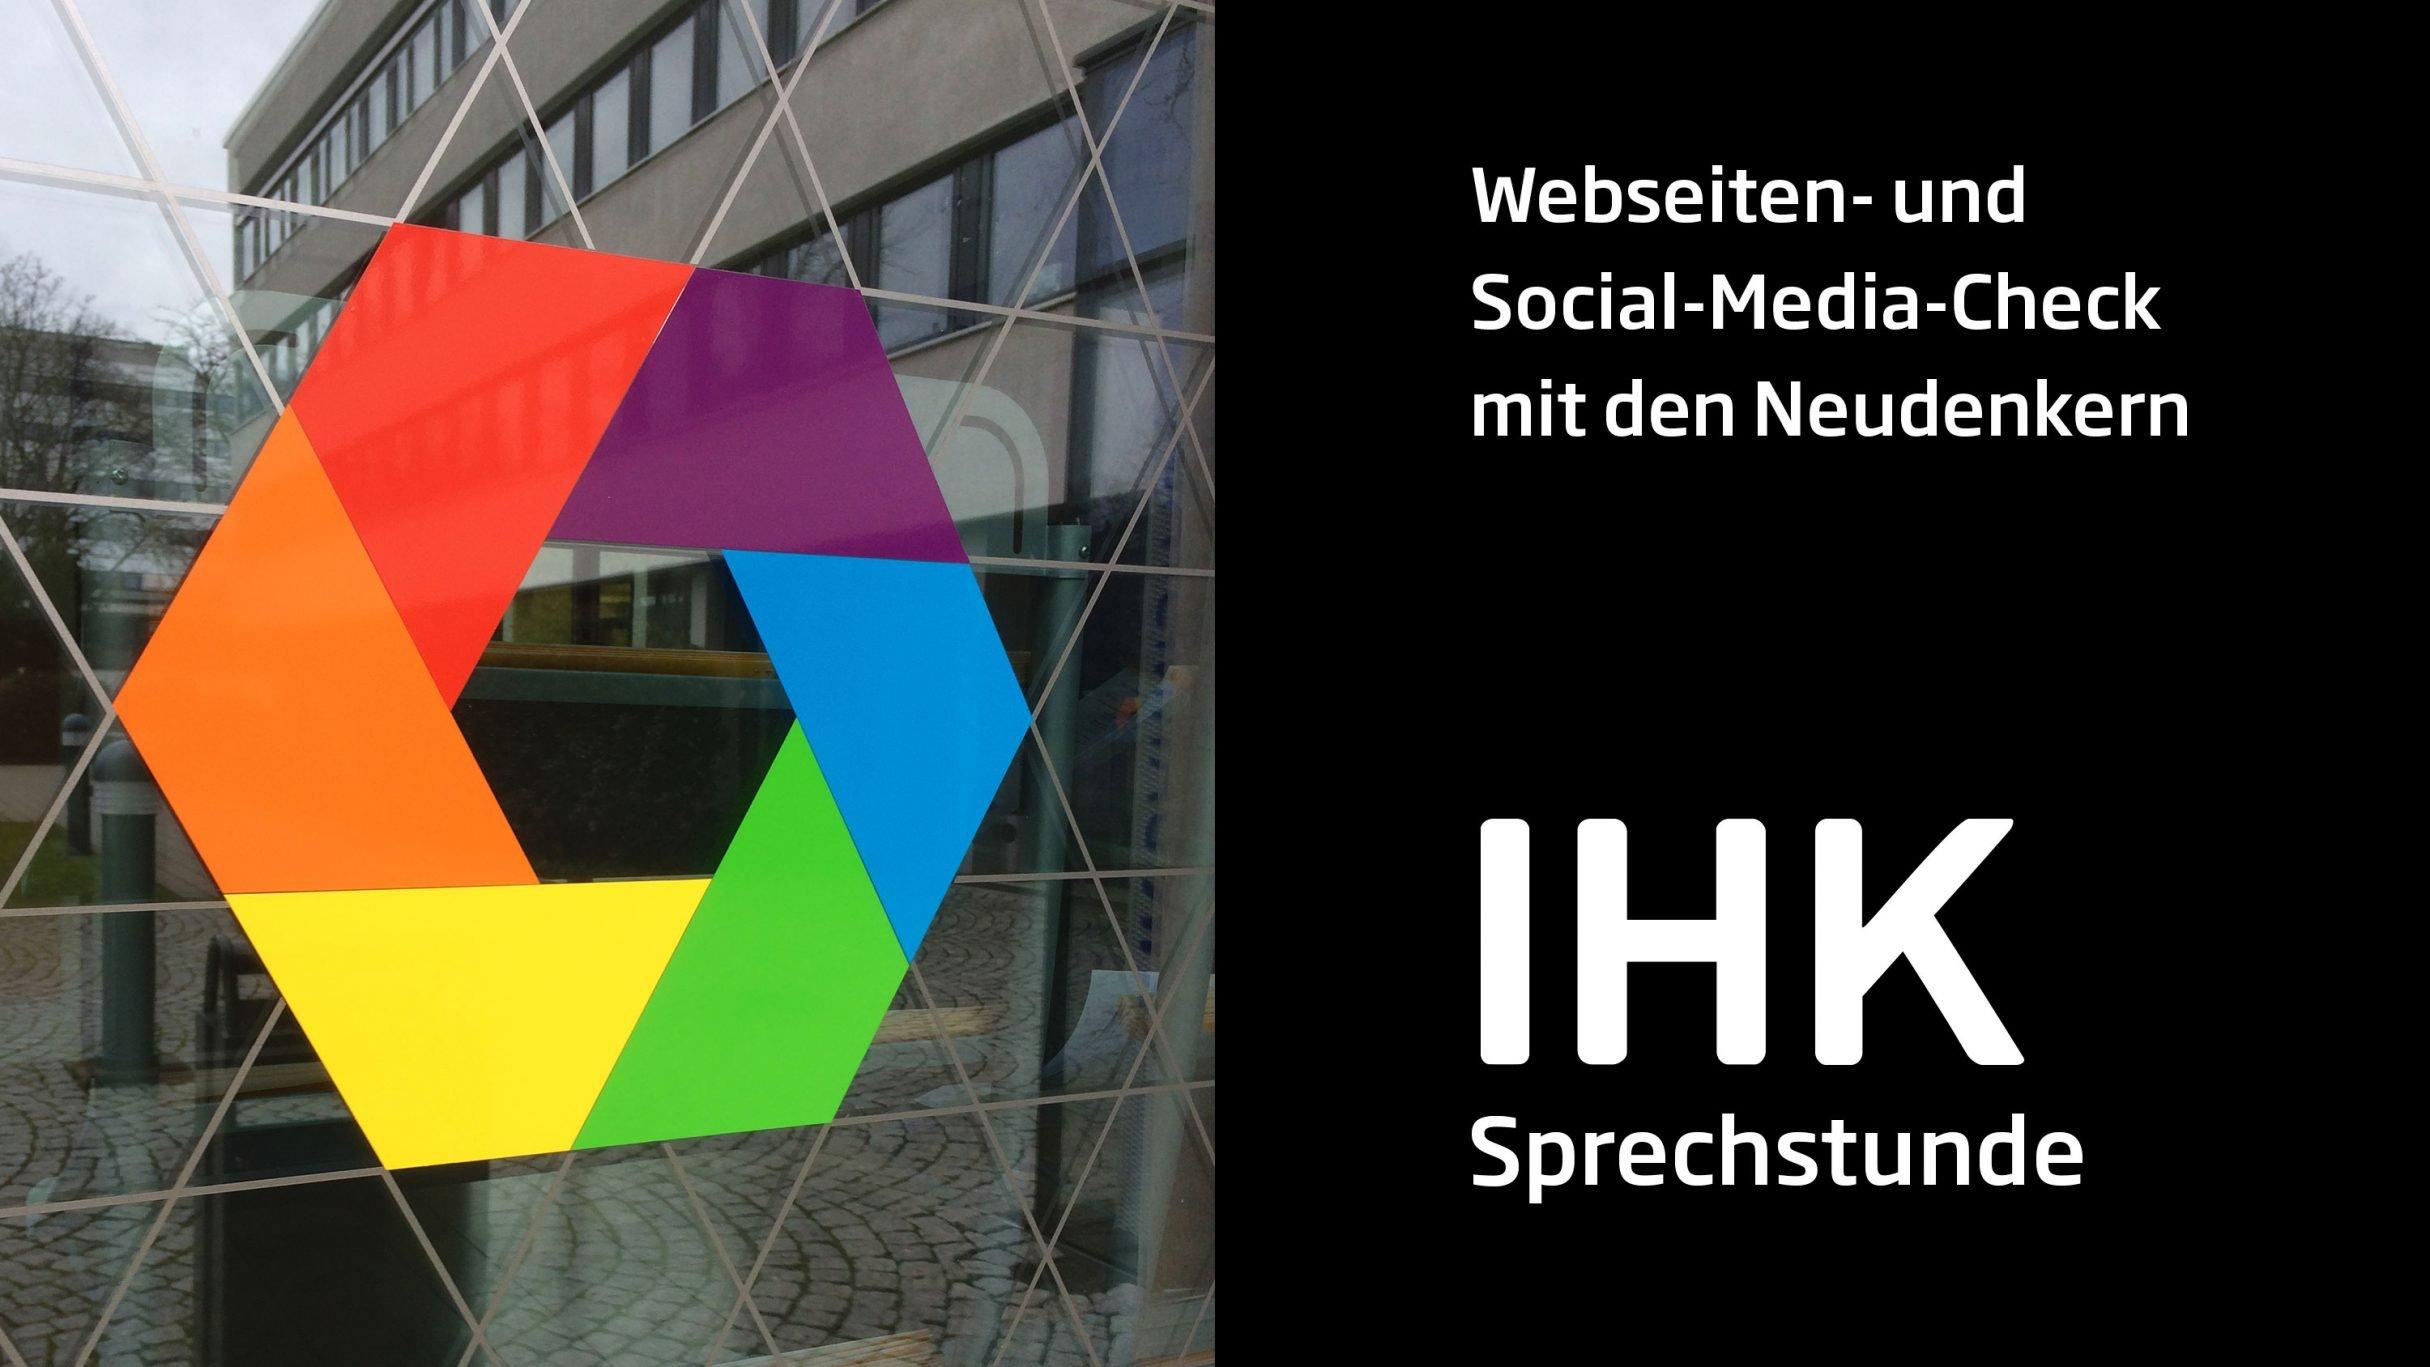 IHK Darmstadt Webseiten- und Social-Media-Check, Website-Check: DIE NEUDENKER® Agentur, Darmstadt